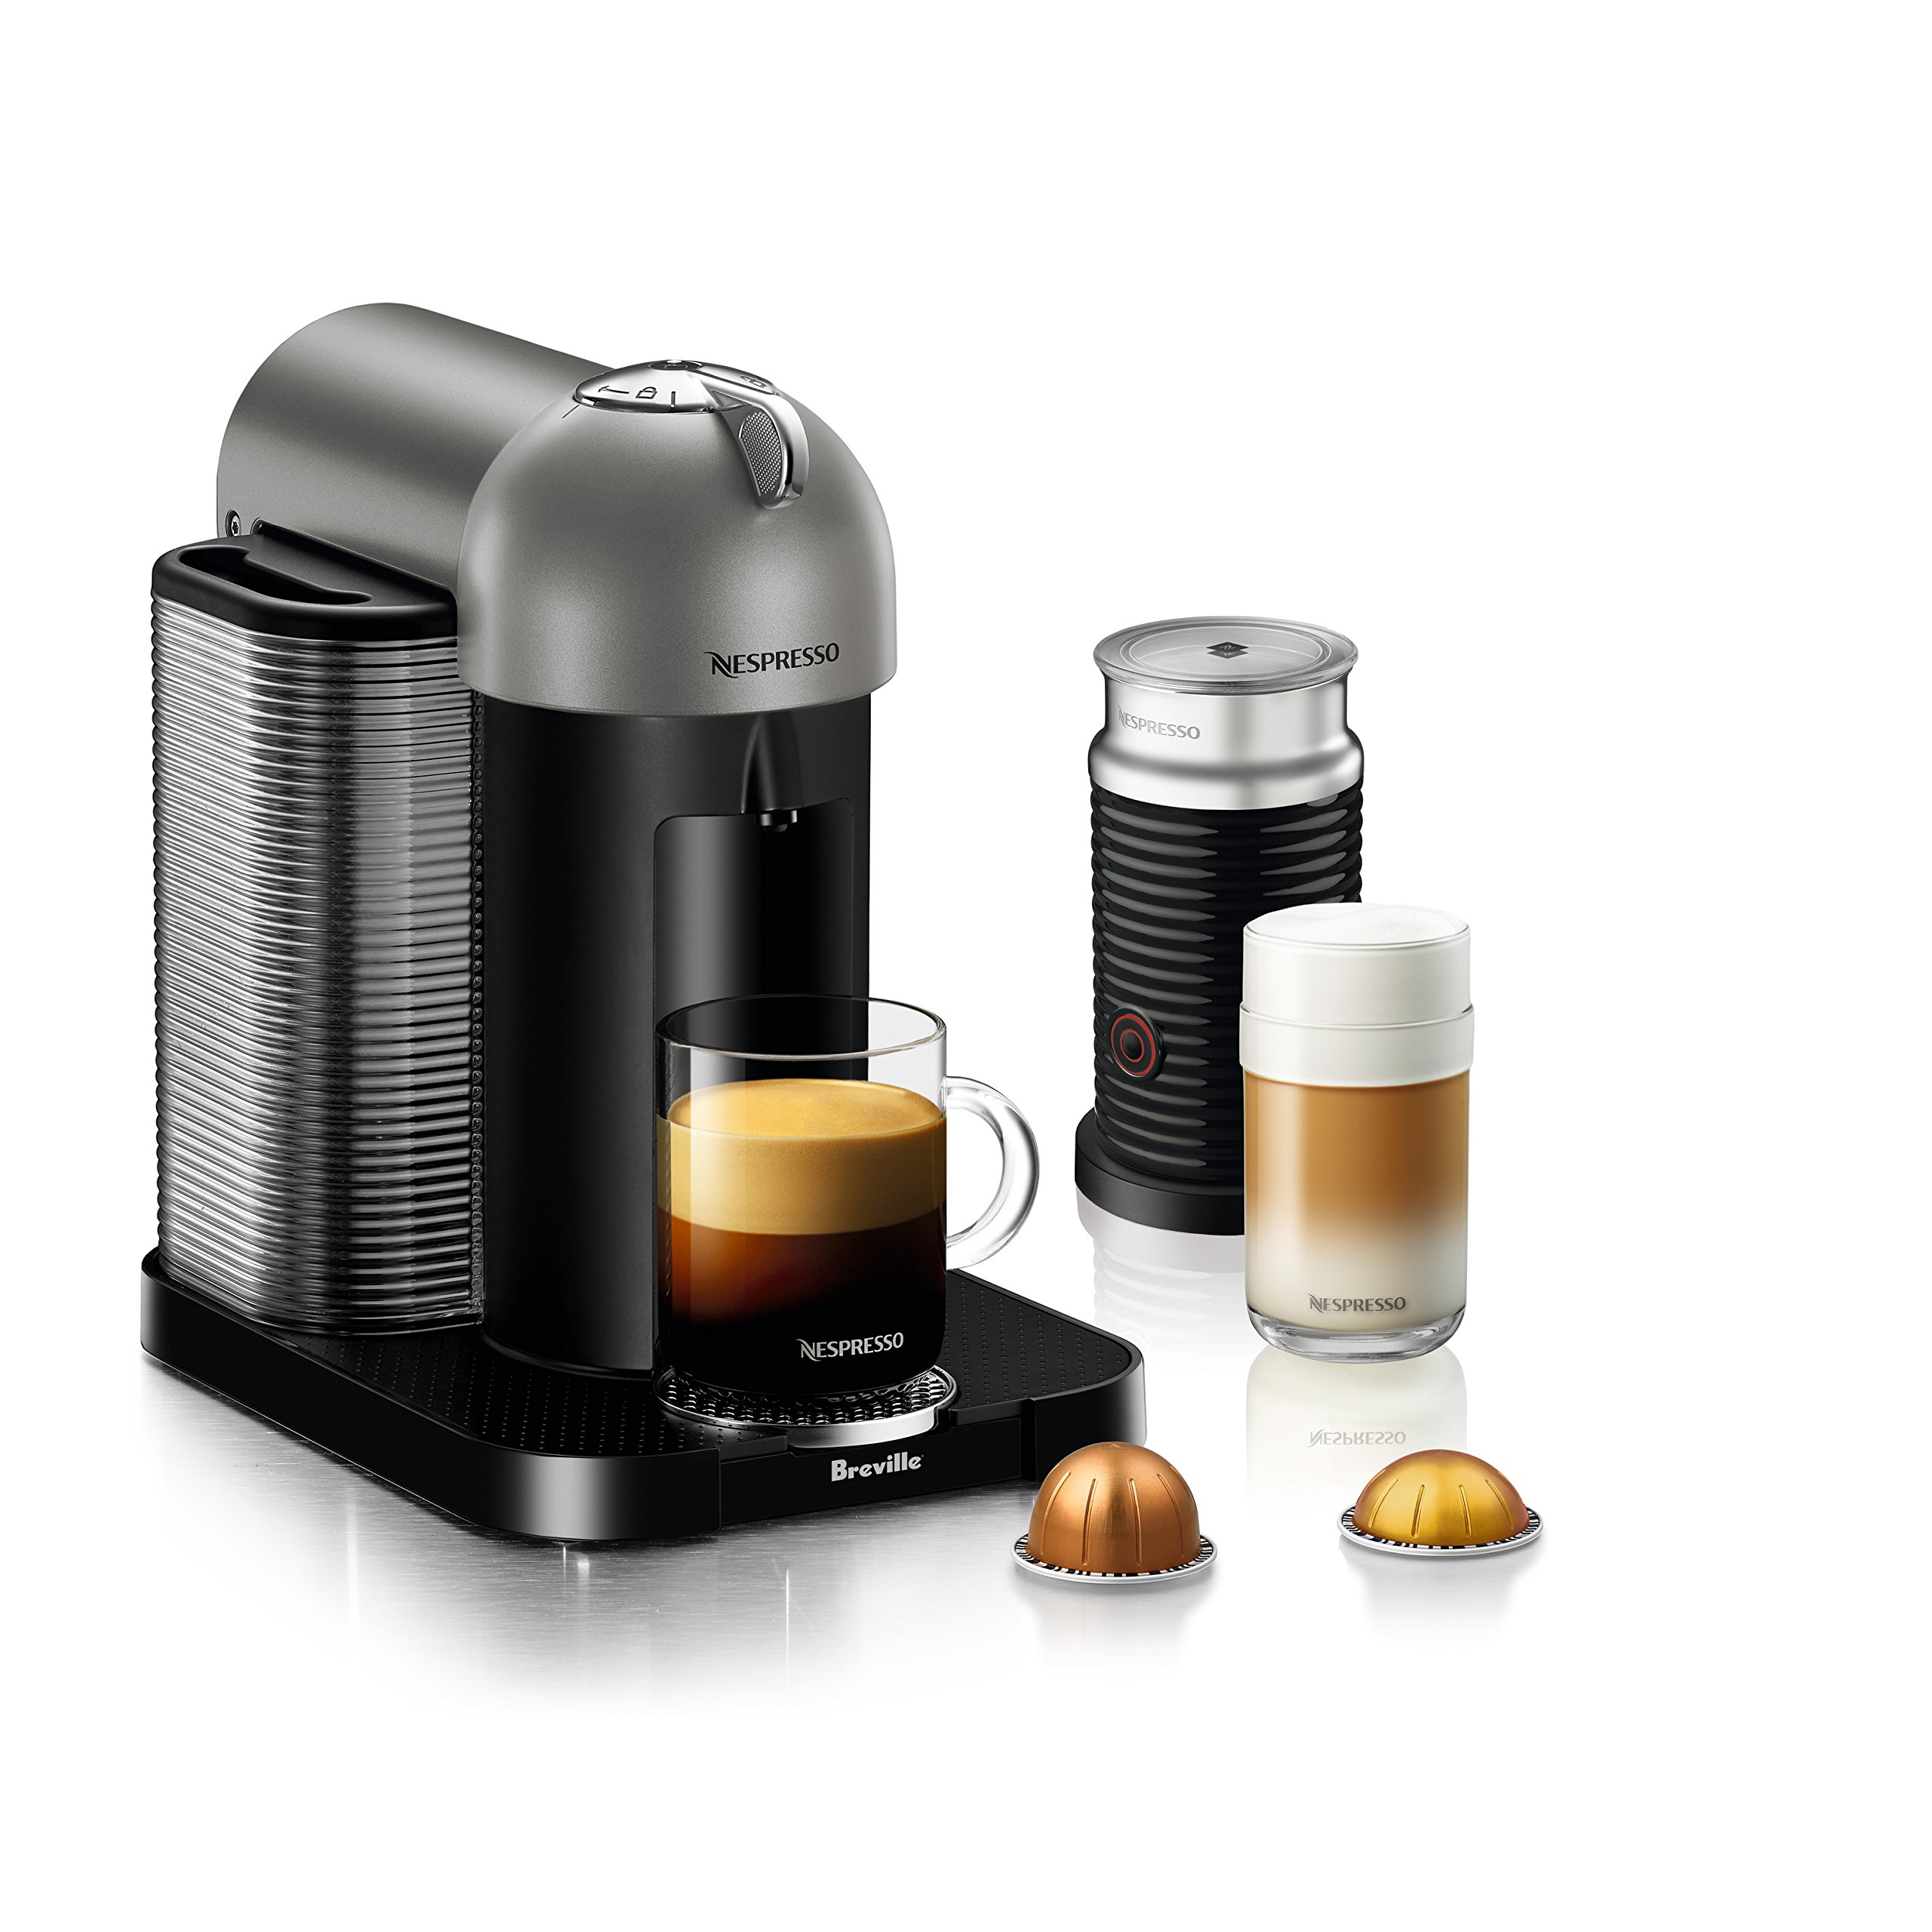 Nespresso Vertuo Coffee and Espresso Machine by Breville with Aeroccino, Titan by Breville